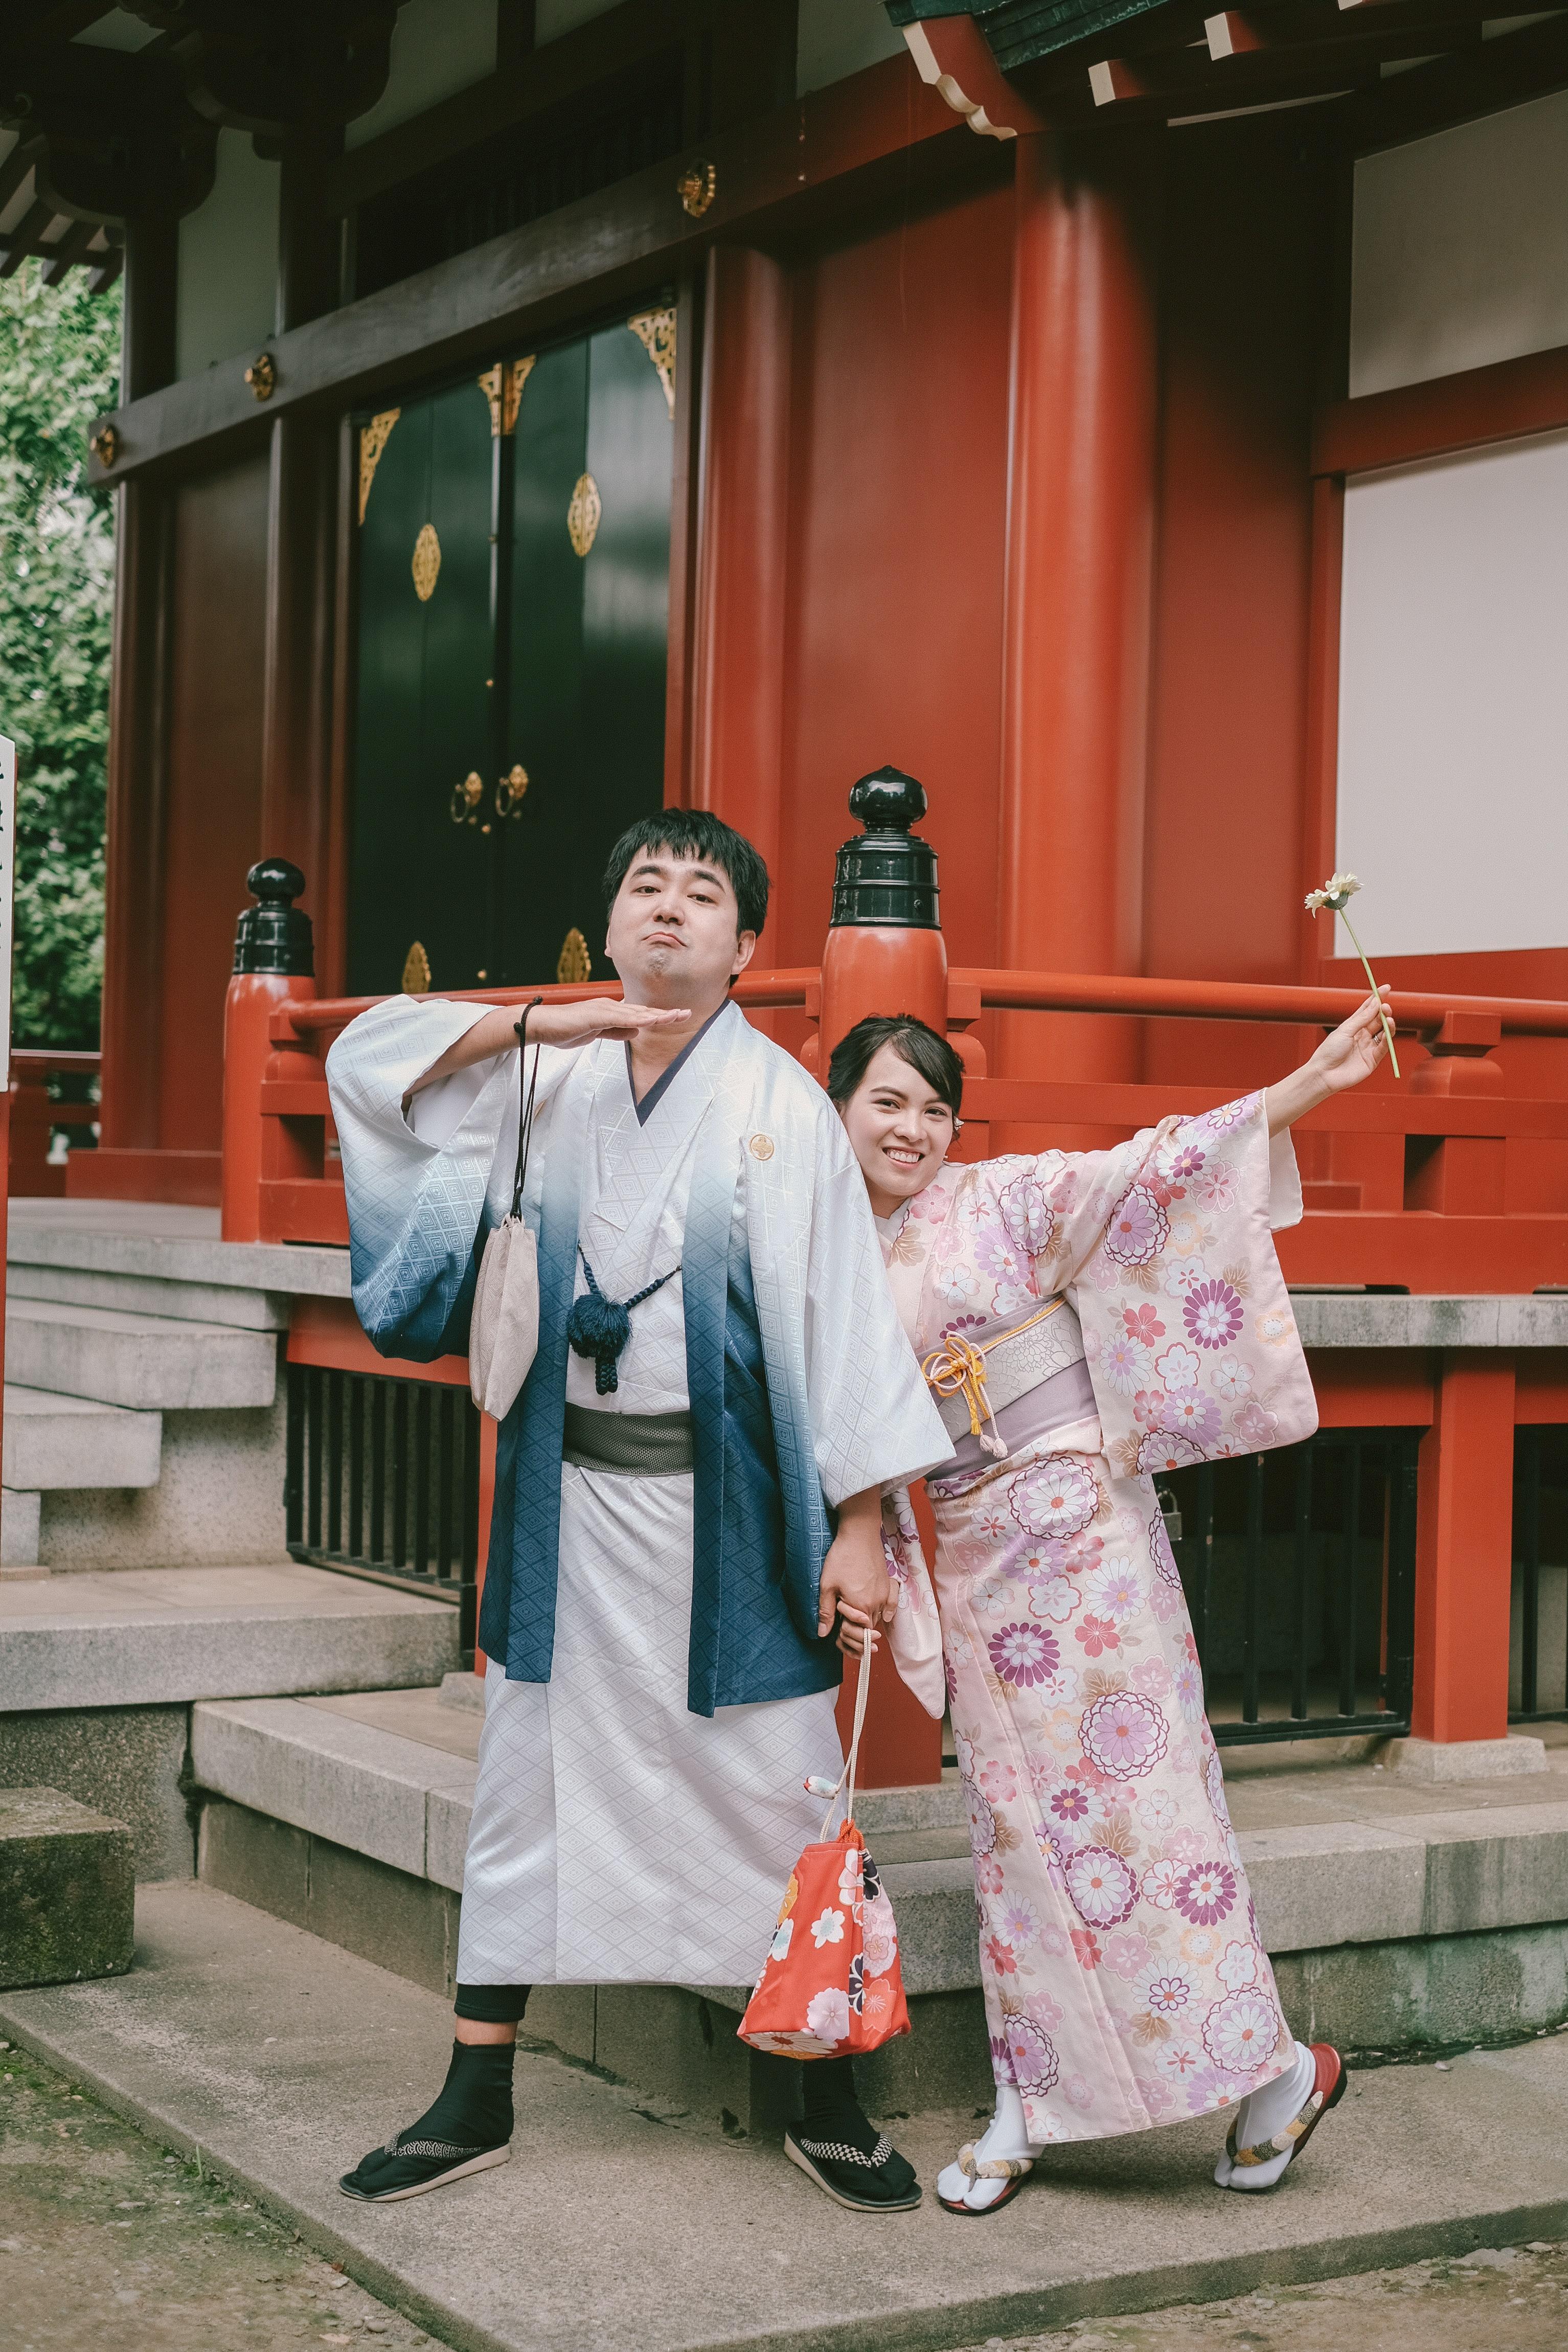 Tham gia đám cưới tập thể, cặp đôi cho biết buổi chụp ảnh rất thú vị, tạo lại cho cặp đôi nhiều cảm xúc đặc biệt như ngày đầu quen nhau.